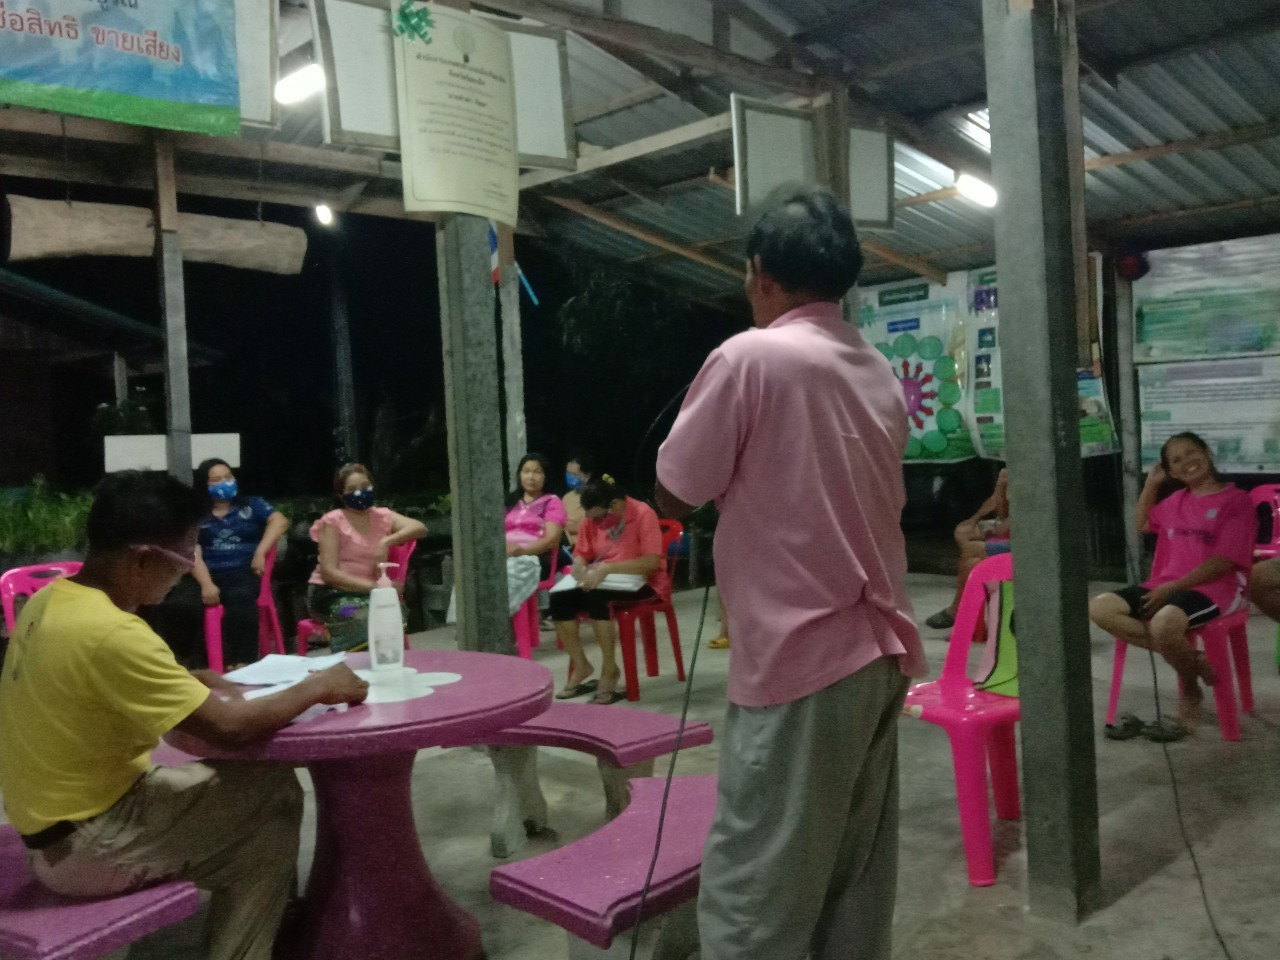 ประชุมวางแผนการป้องกัน เฝ้าระวัง โรคโควิด-19 ณ ที่ทำการผู้ใหญ่บ้าน บ้านป่าเพิ่ม หมู่ 11 เวลา 20.00 น. โดยคณะกรรมการหมู่บ้าน จิตอาสา และทีมงาน อสม. ประจำหมู่บ้าน